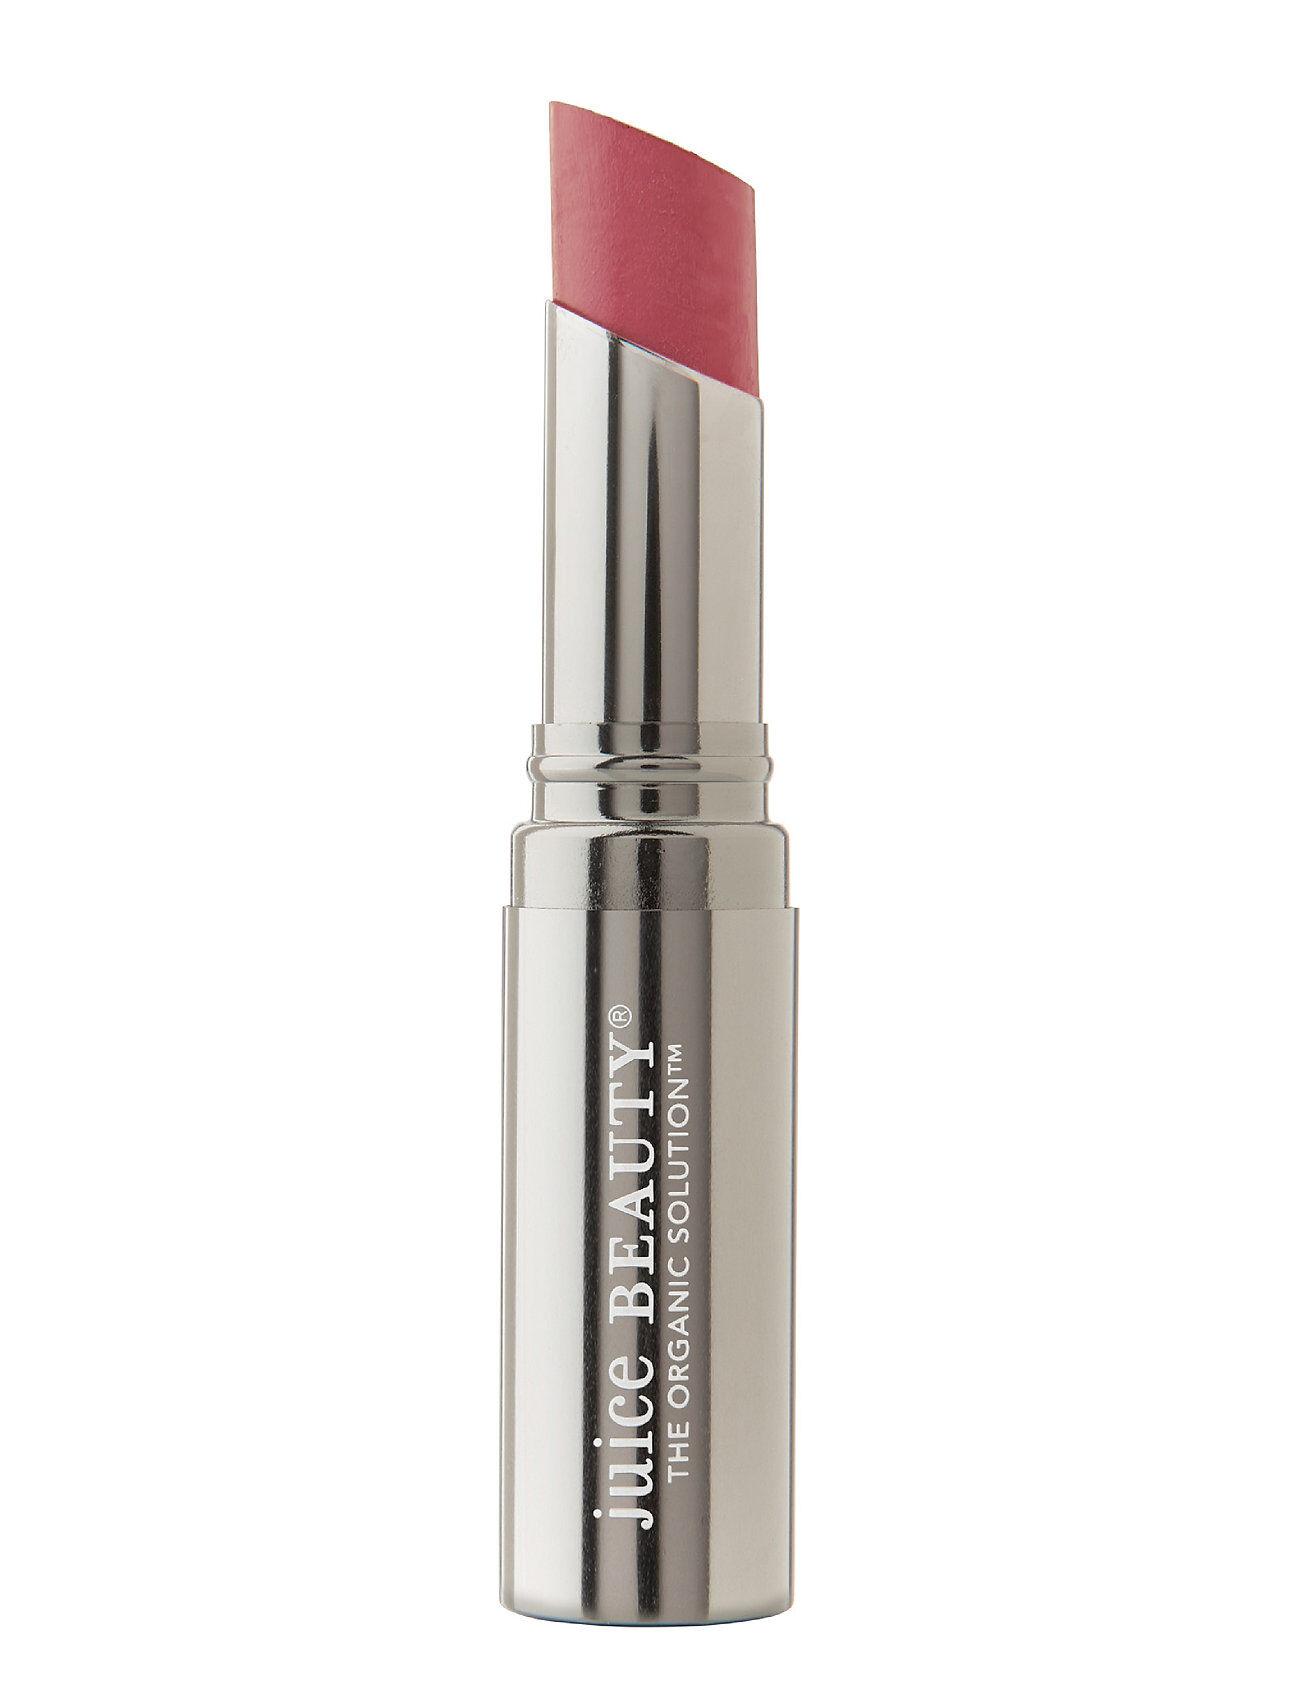 Juice Beauty Satin Lip Cream - 26 Cabernet